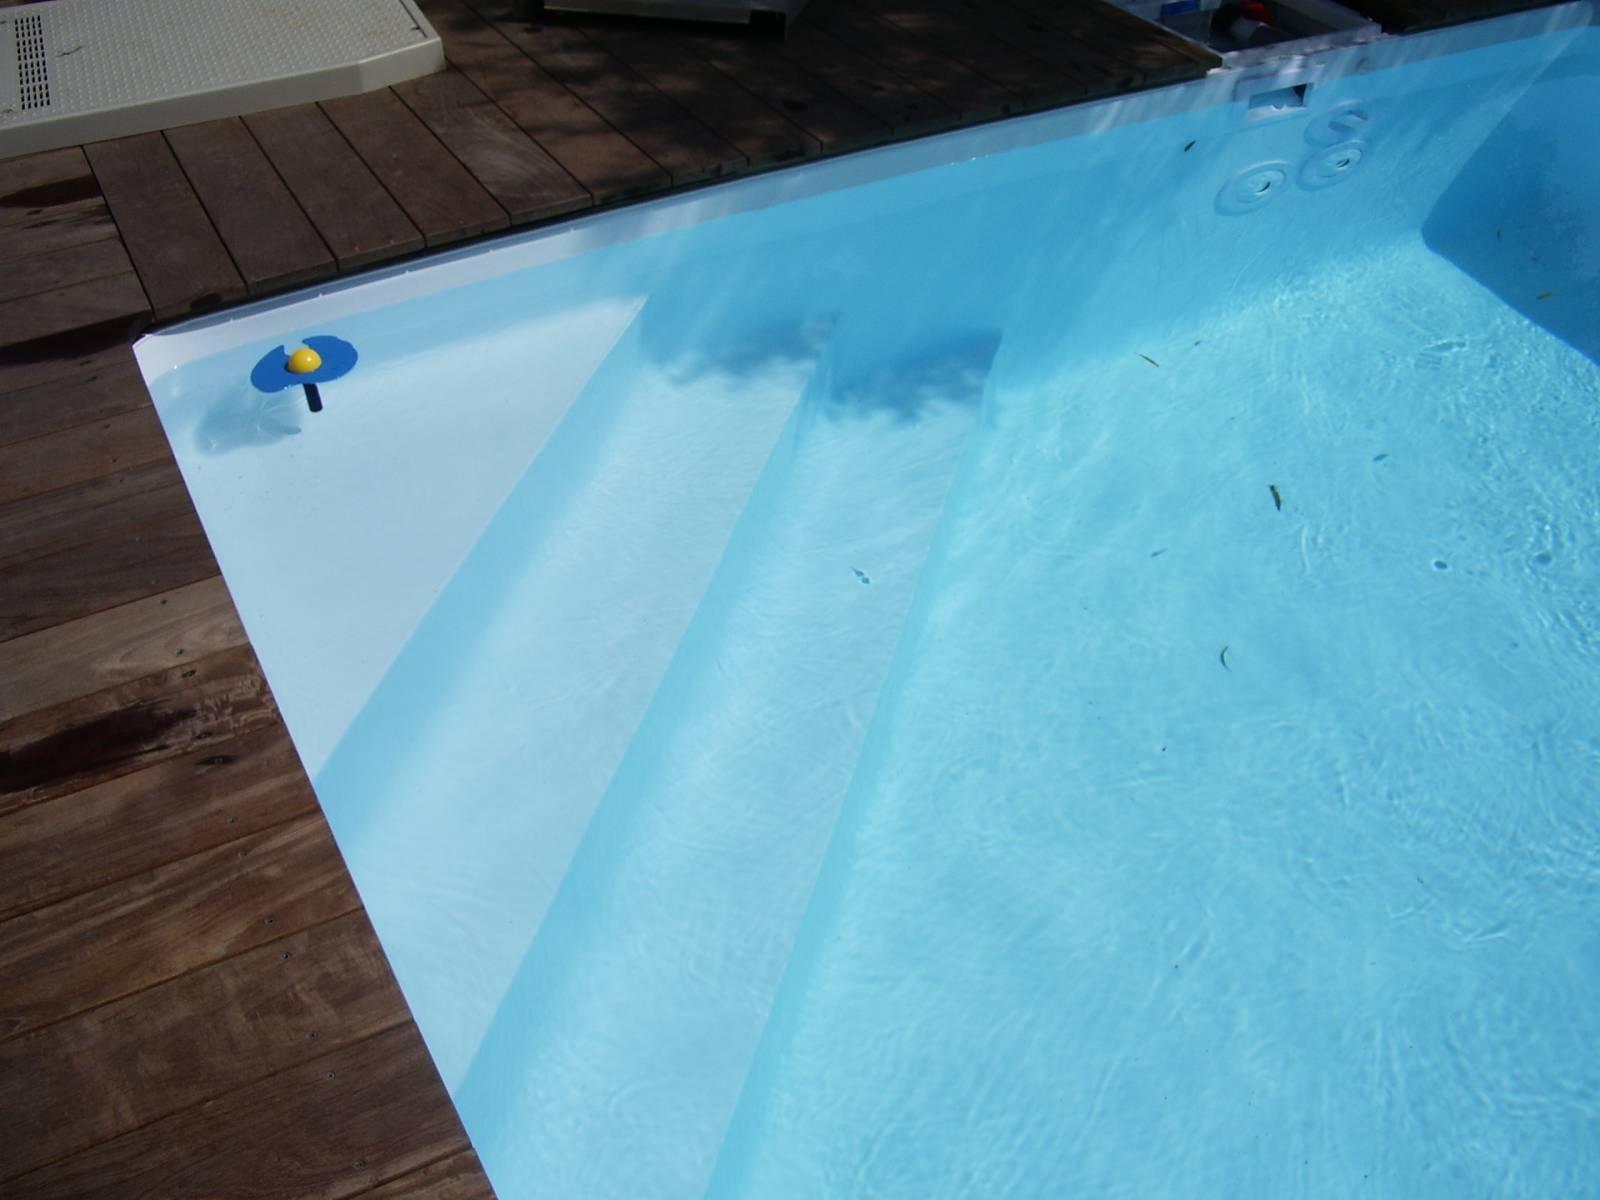 Escaliers et plages pour piscine jce piscines for Feutre sous liner piscine